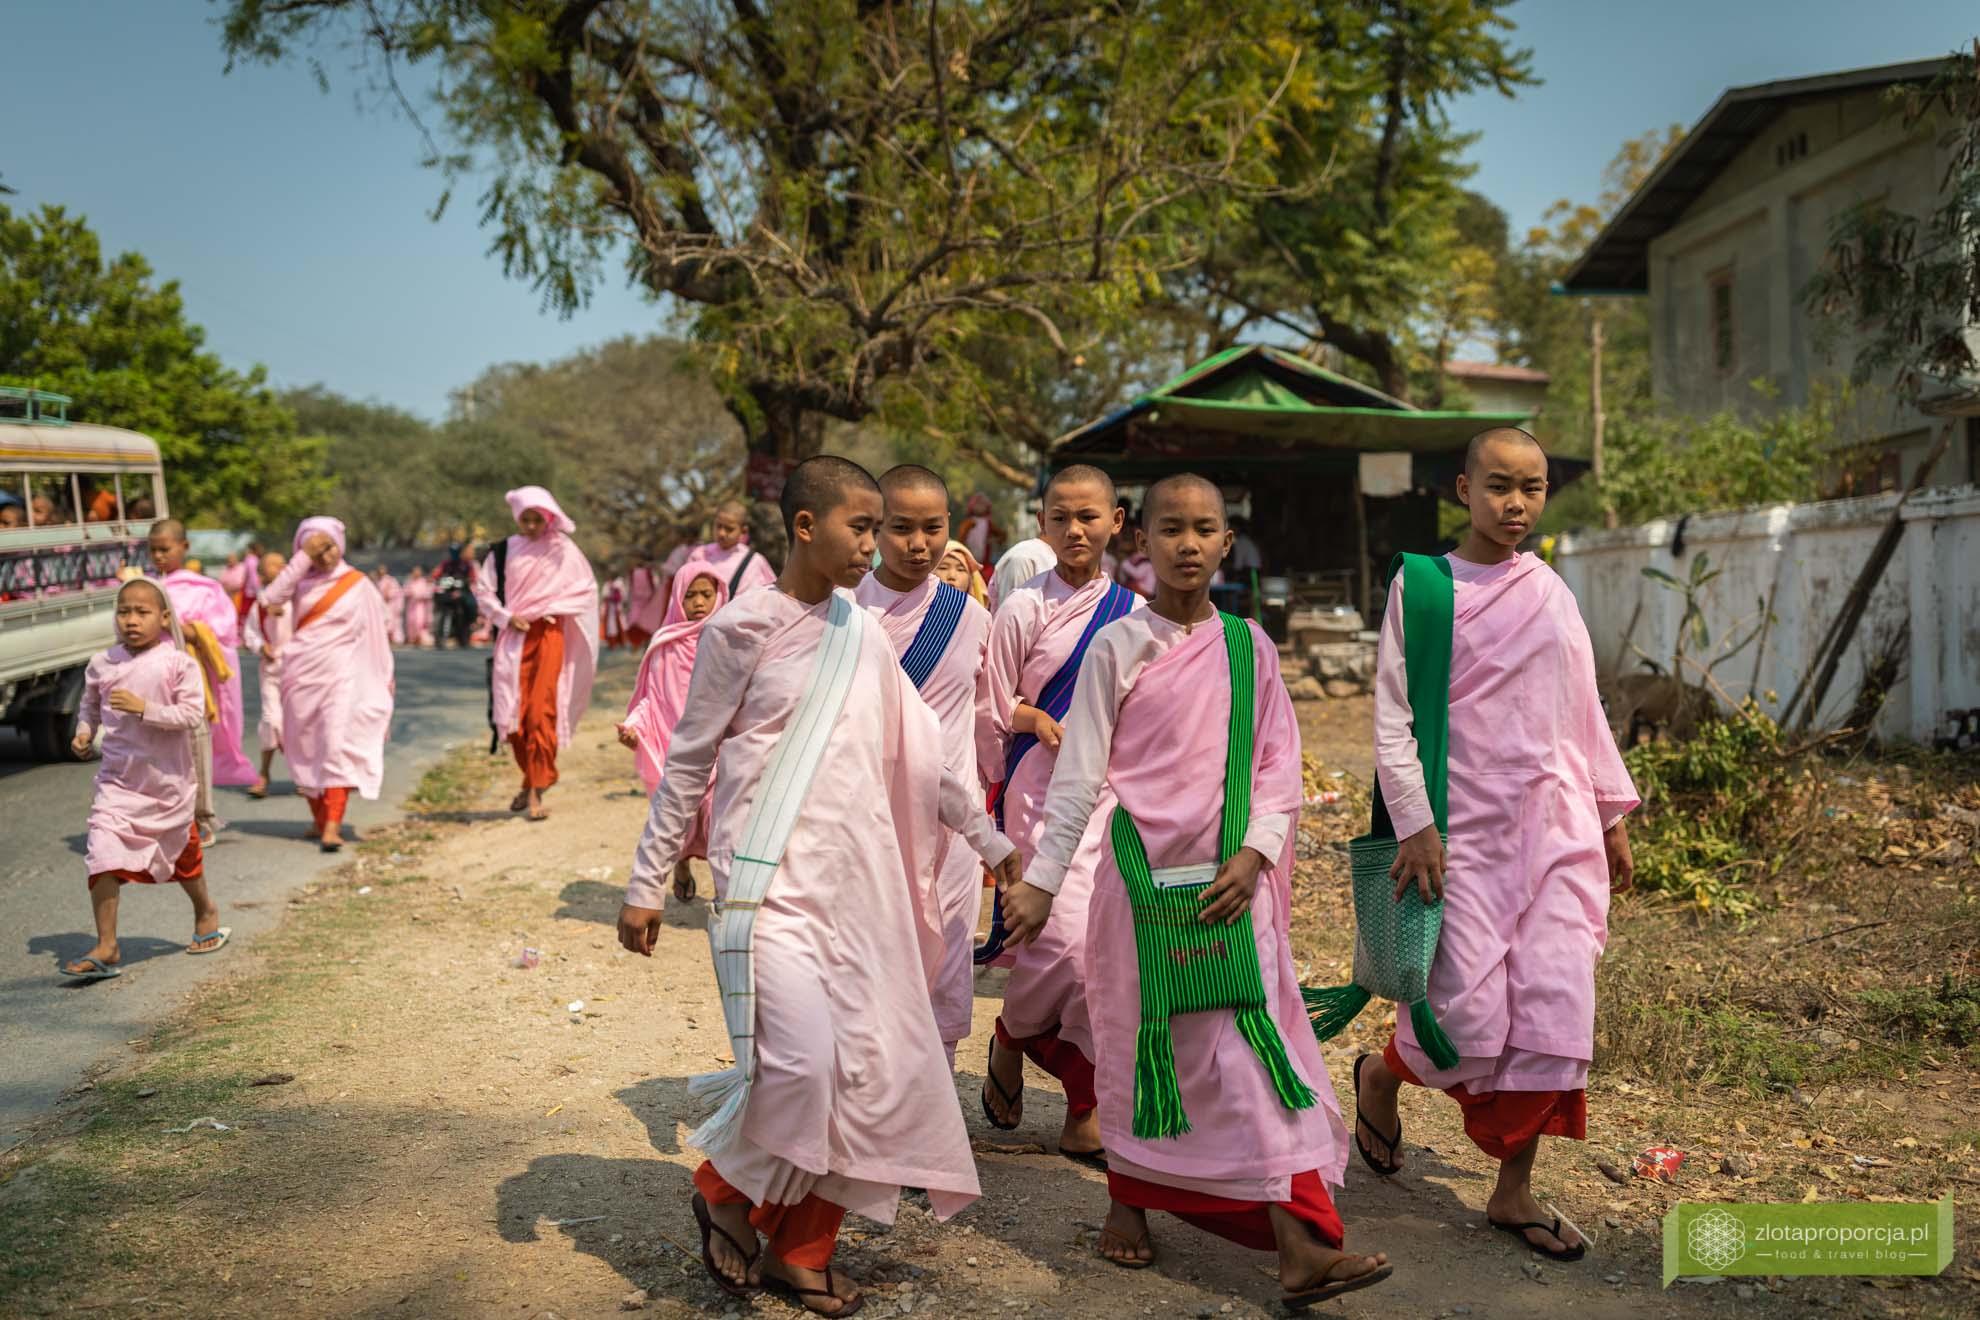 Birma; Mjanma; Myanmar; atrakcje Birmy; Birma podróże; Sikong; okolice Mandalay;